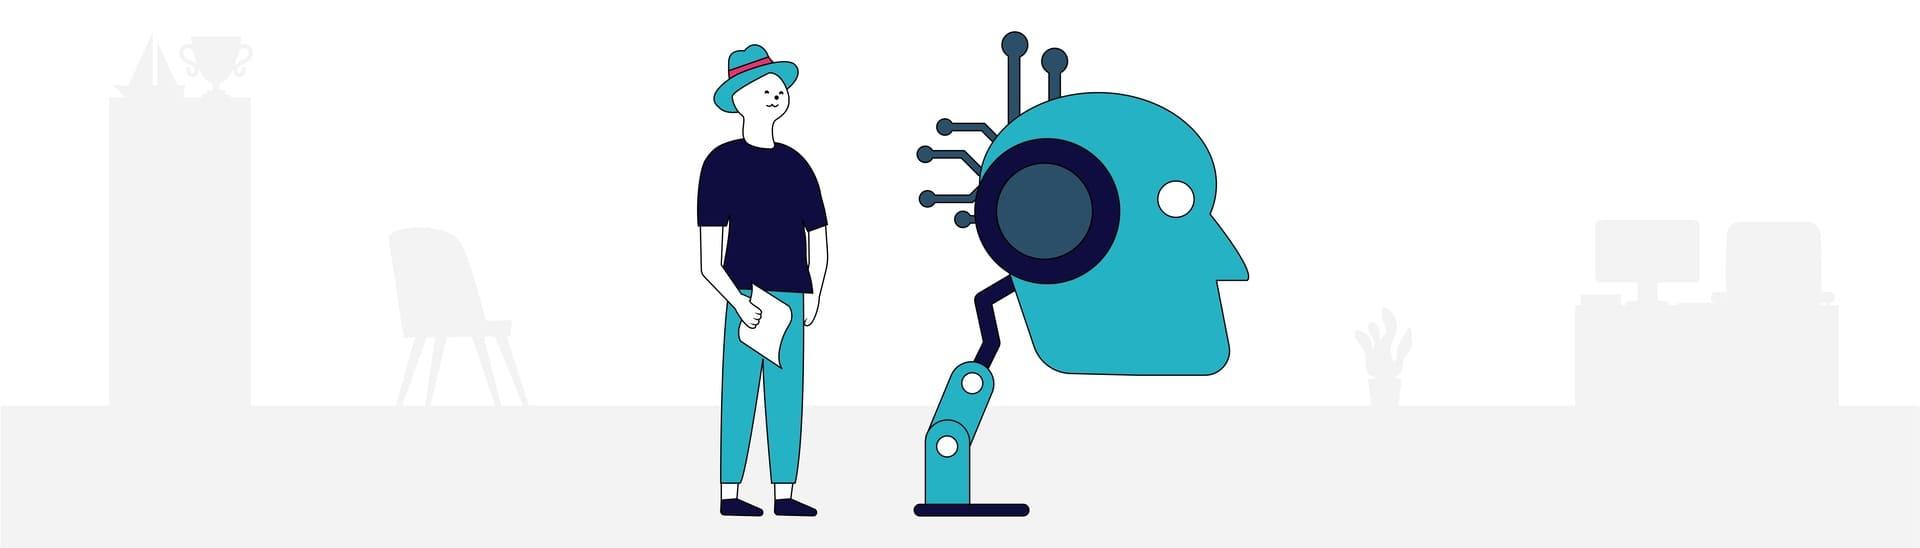 AI recruiting recruitment trends